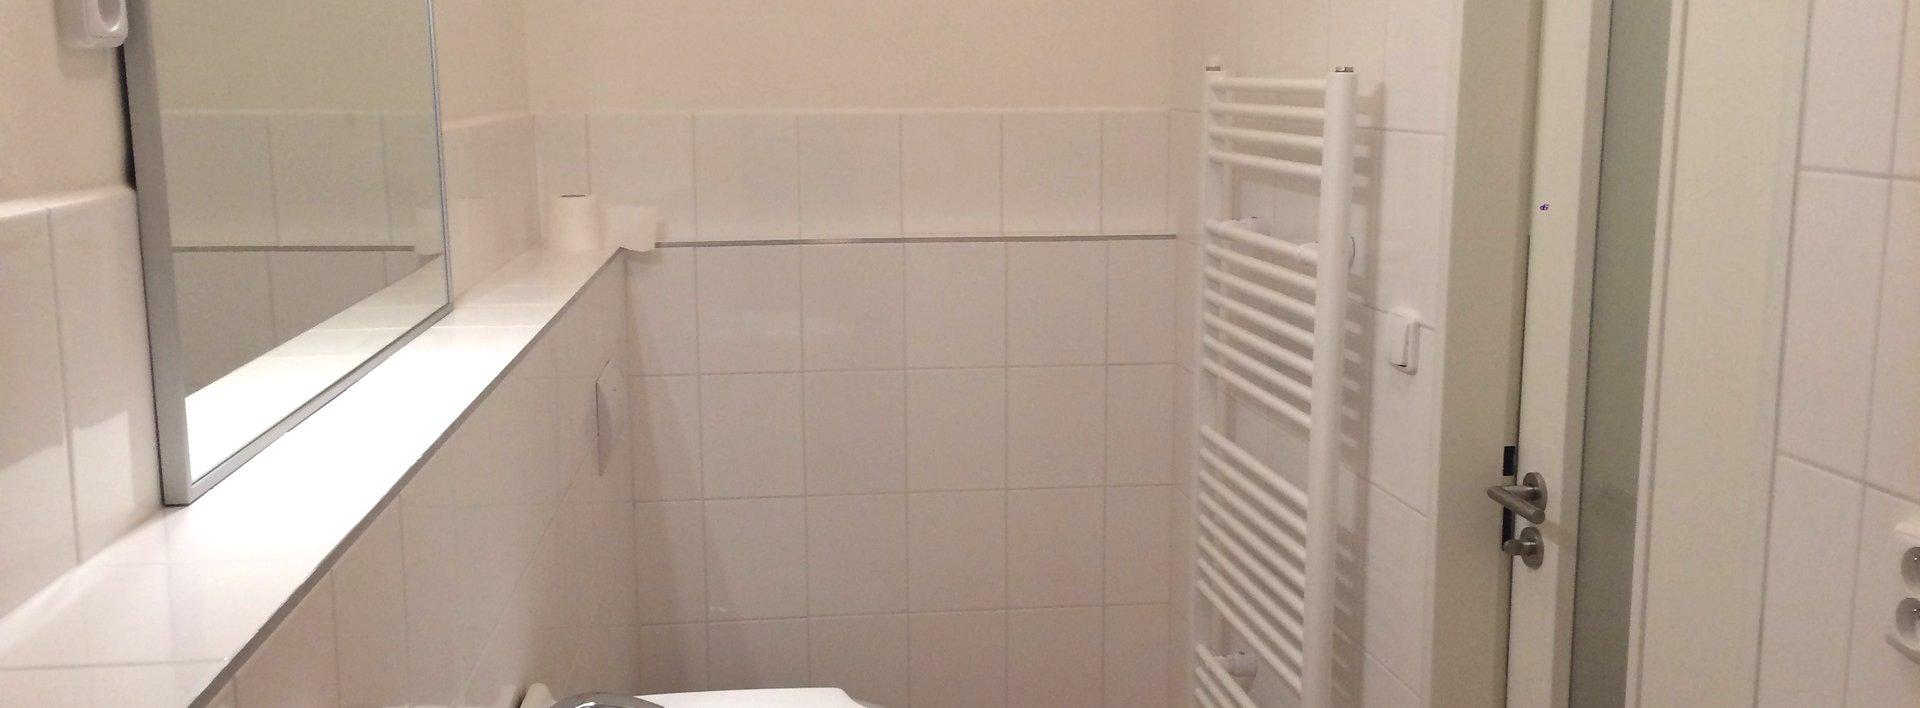 Pronájem bytu 3+1,  75 m² v centru Liberce, ul. Železná, Ev.č.: N47638